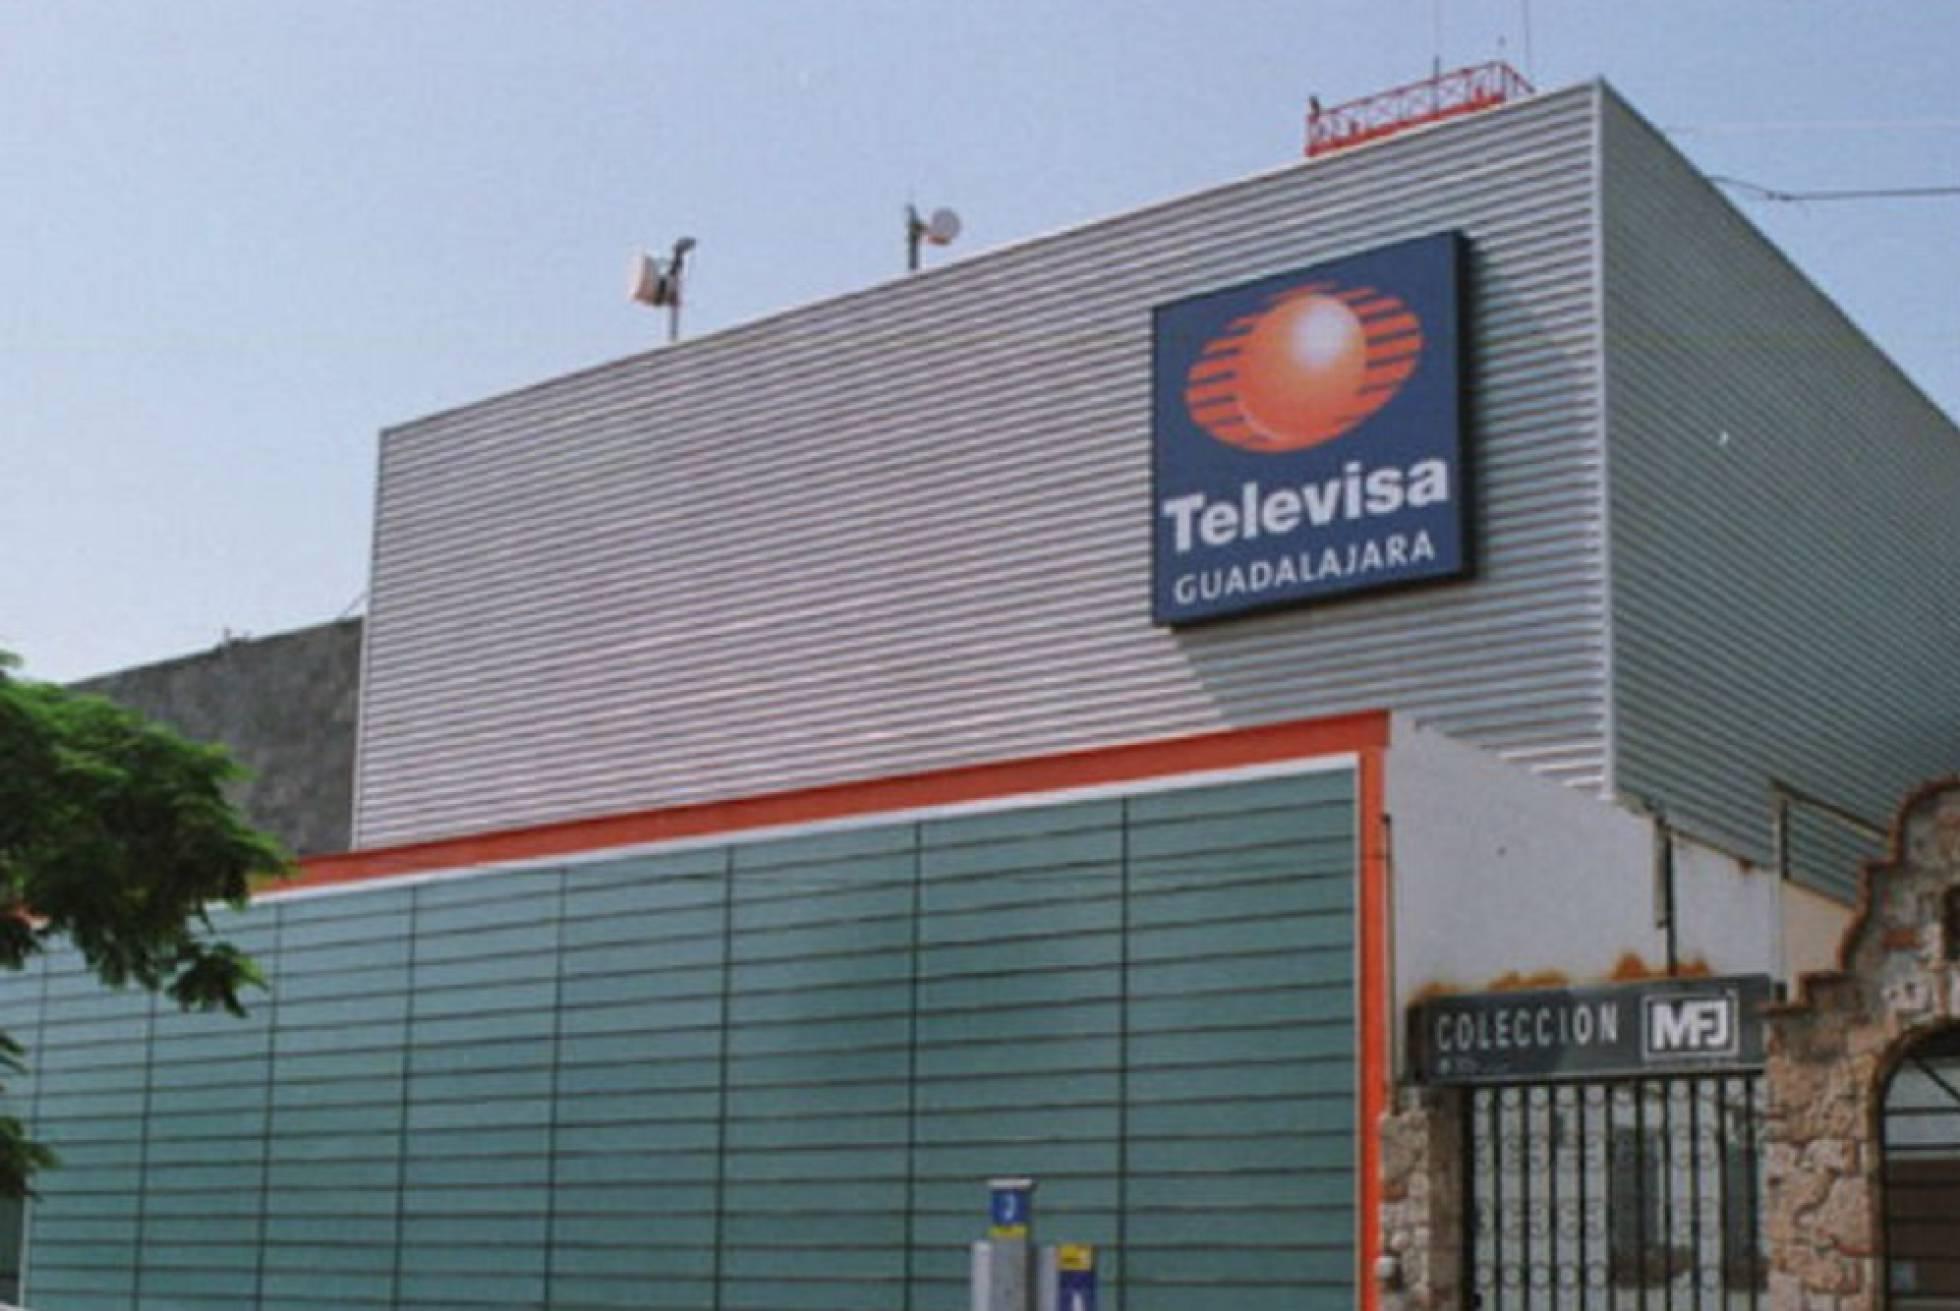 Hallada una hielera con dos cabezas humanas en la sede de Televisa Guadalajara